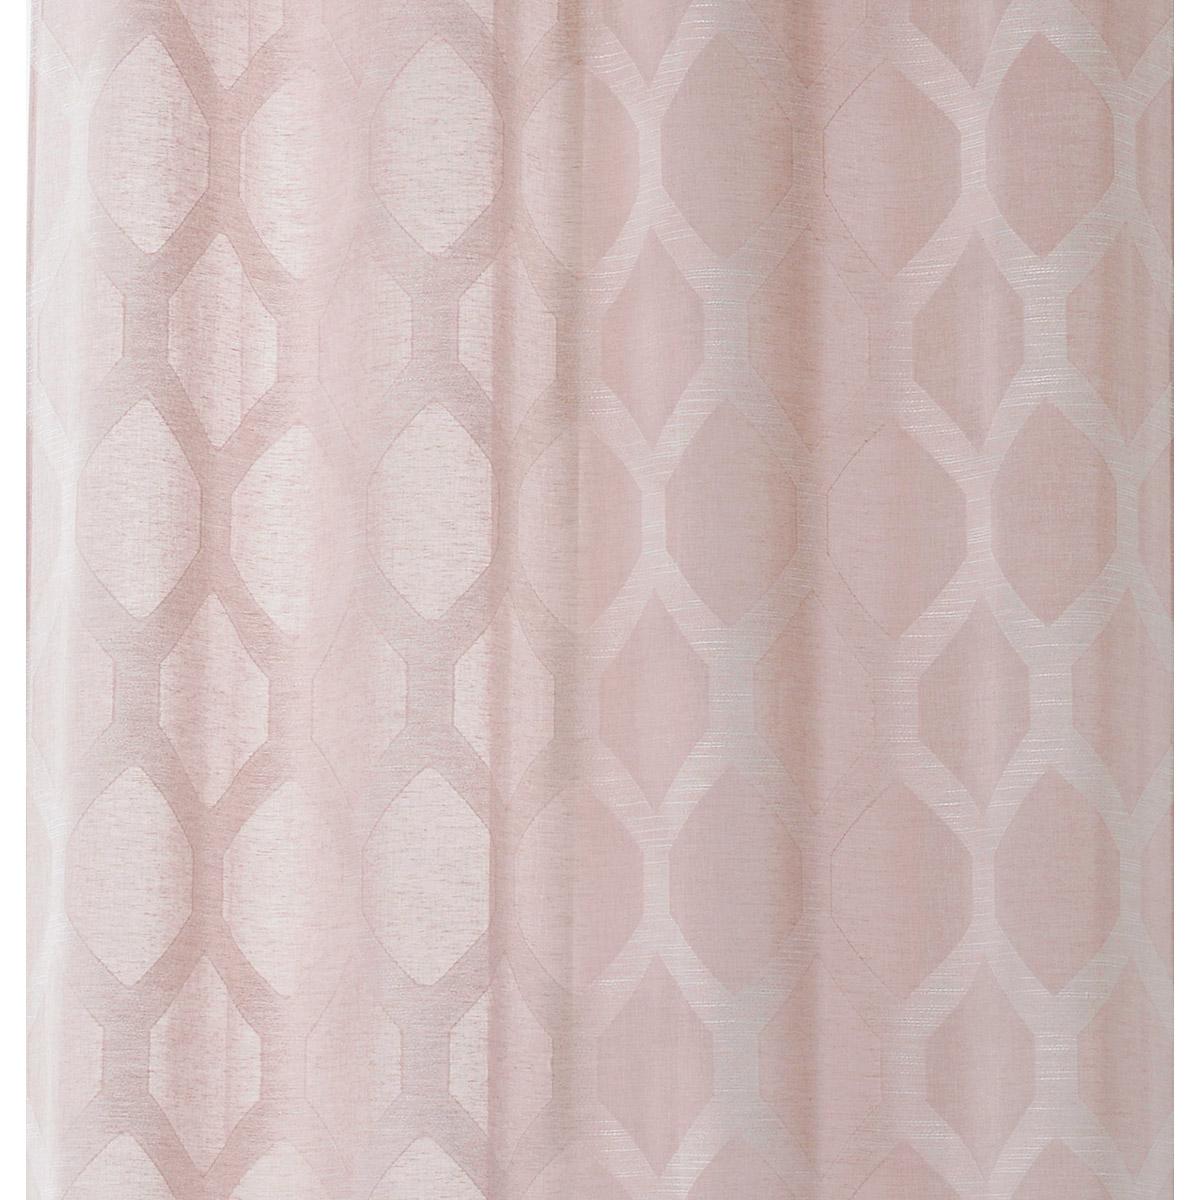 Tissu à motifs géométriques - Rose - 3.2 m